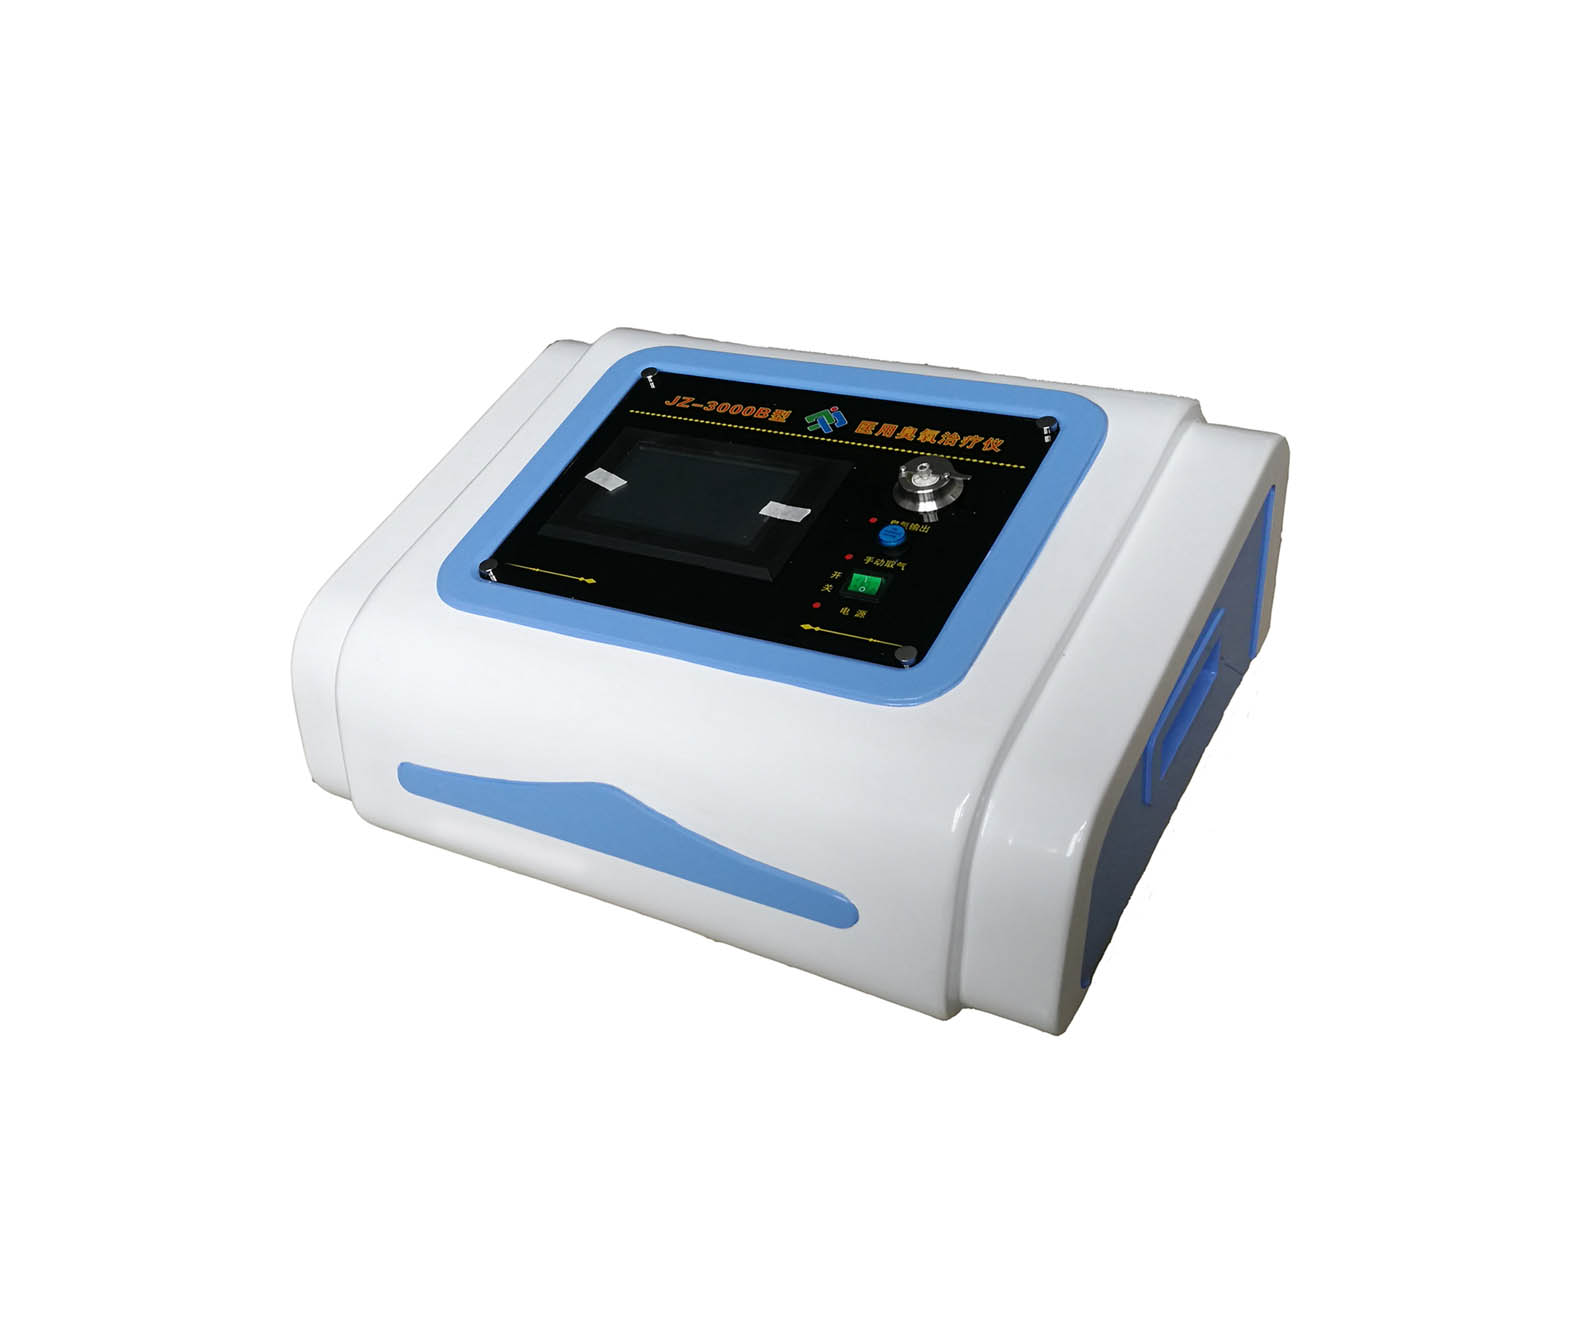 首创 疼痛科臭氧(3000B便携式)/彩色触摸屏,数字模块化设计,微电脑控制,人性化操作界面